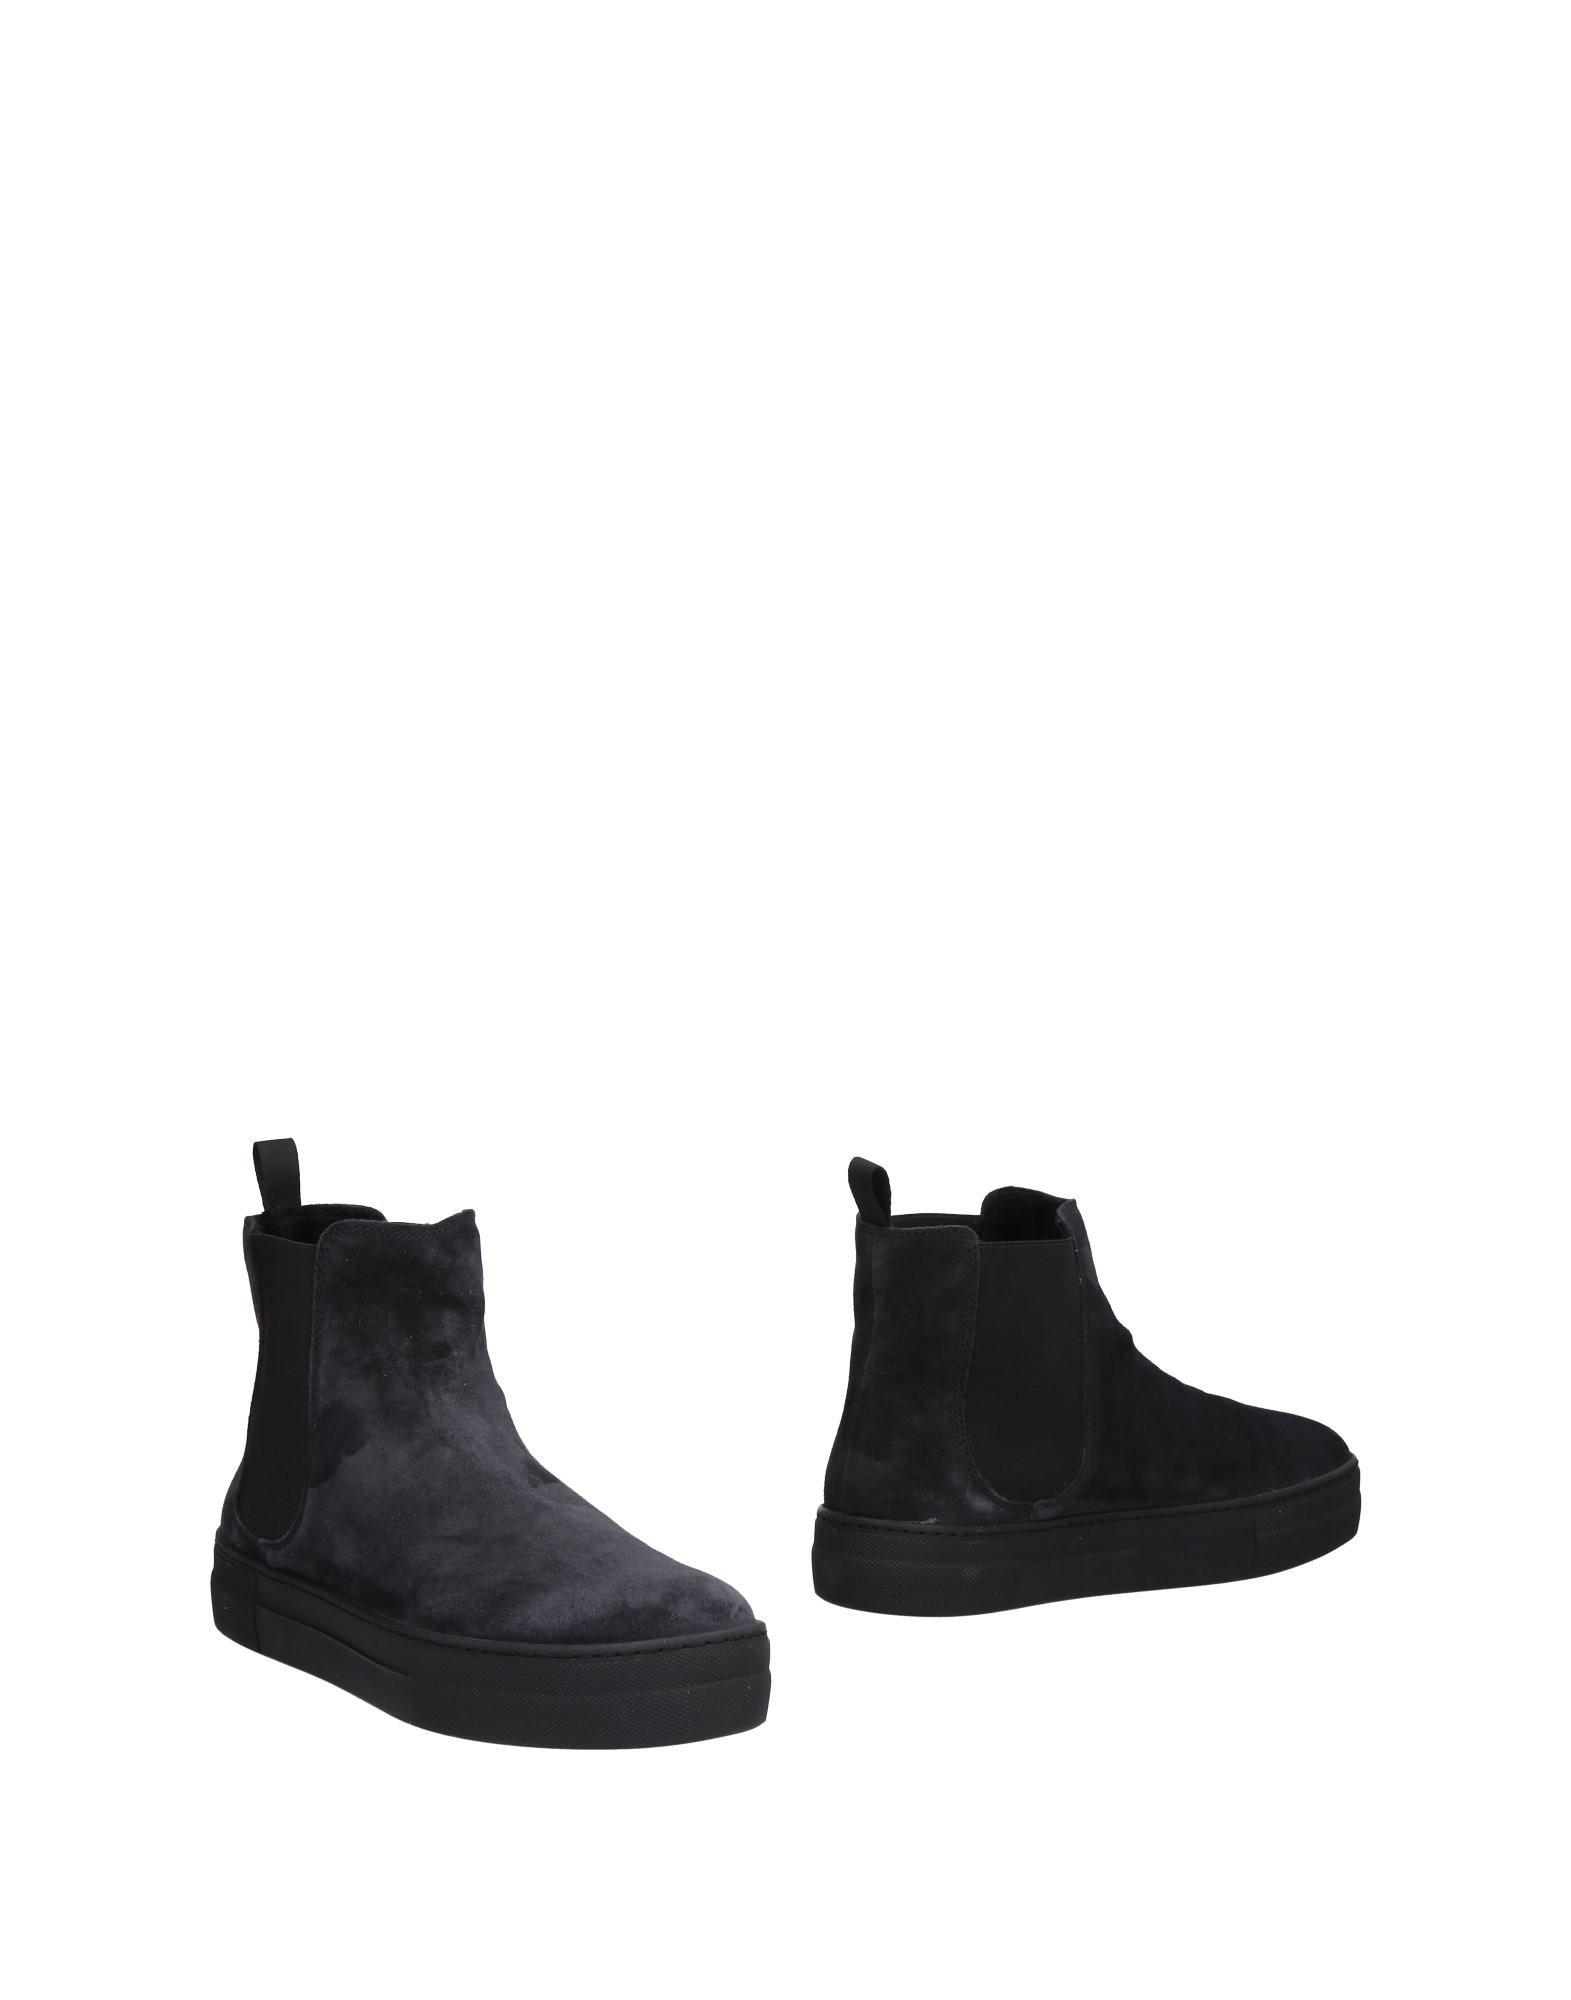 Frau Chelsea Boots Damen  11486146NG Schuhe Gute Qualität beliebte Schuhe 11486146NG 334732